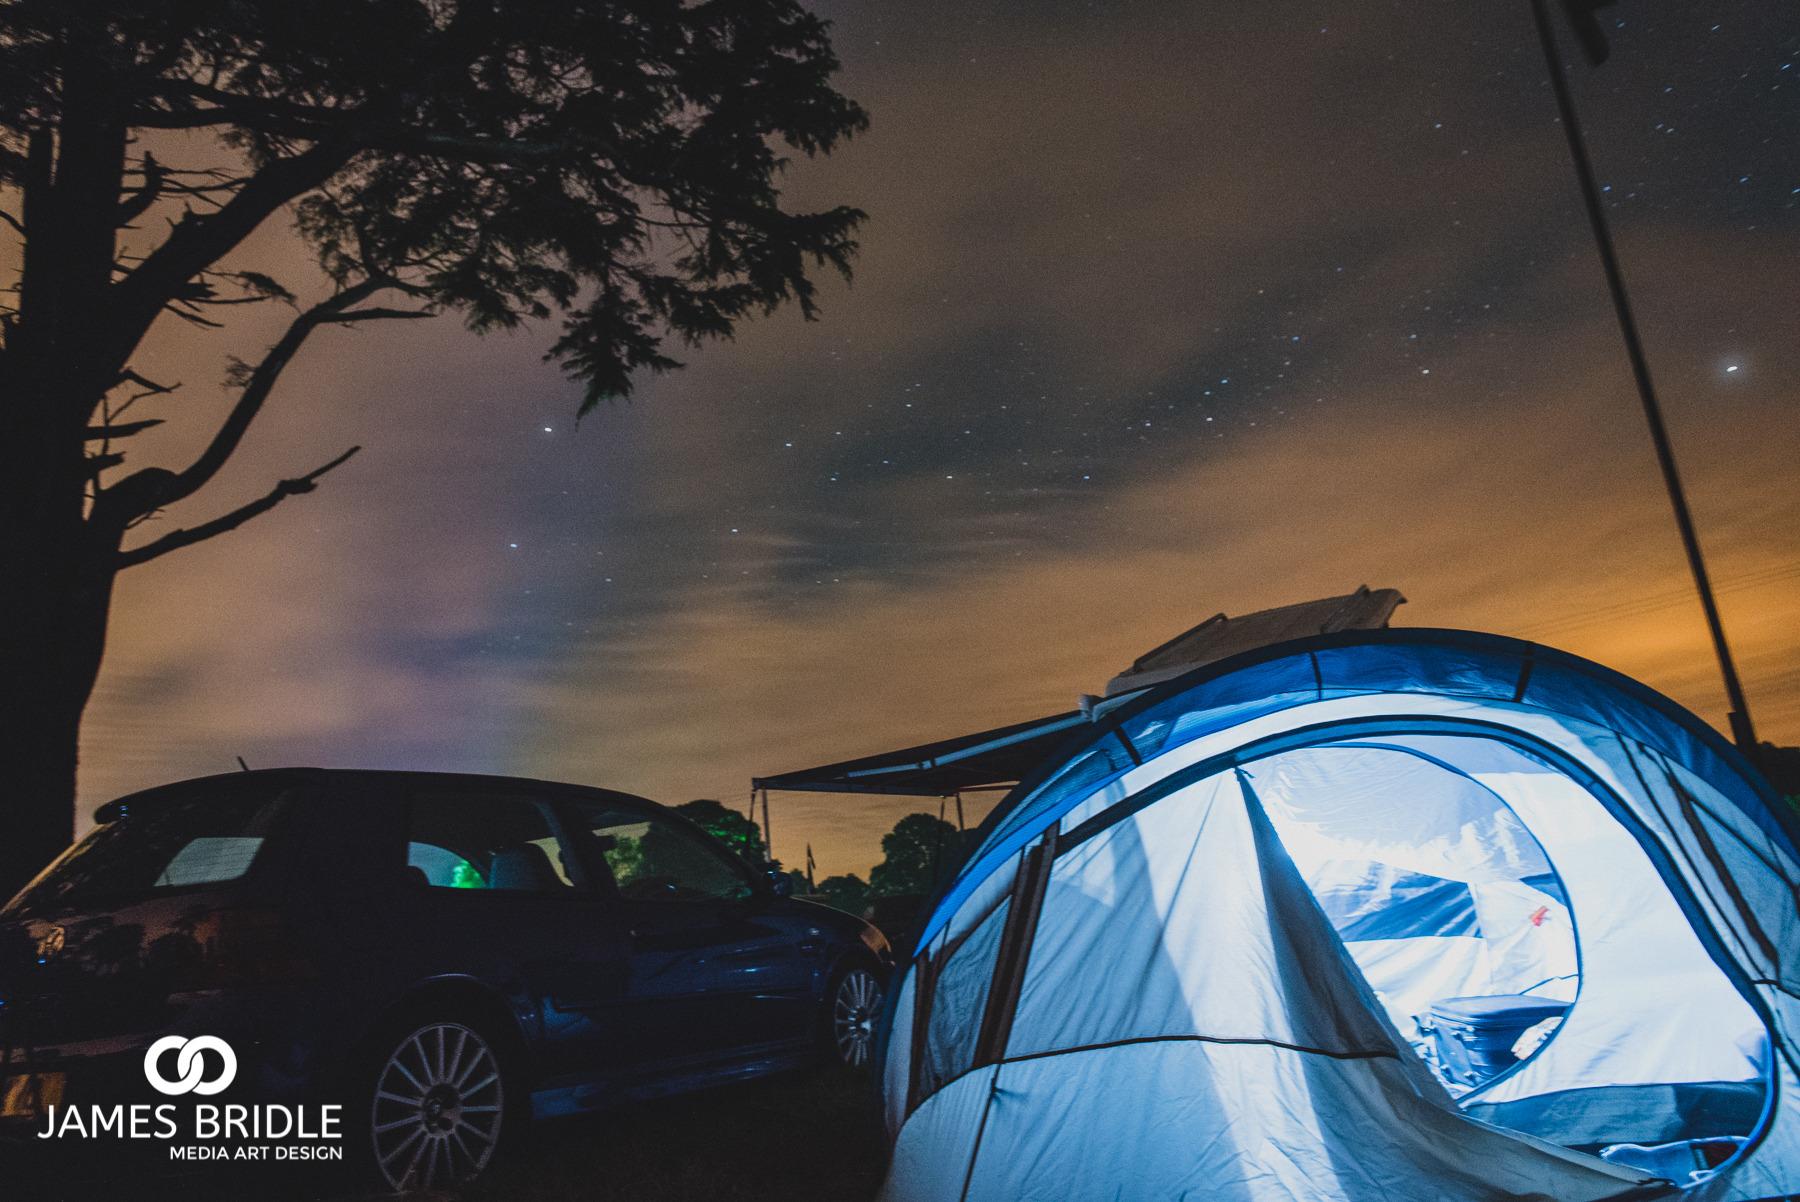 VW Camping at Night